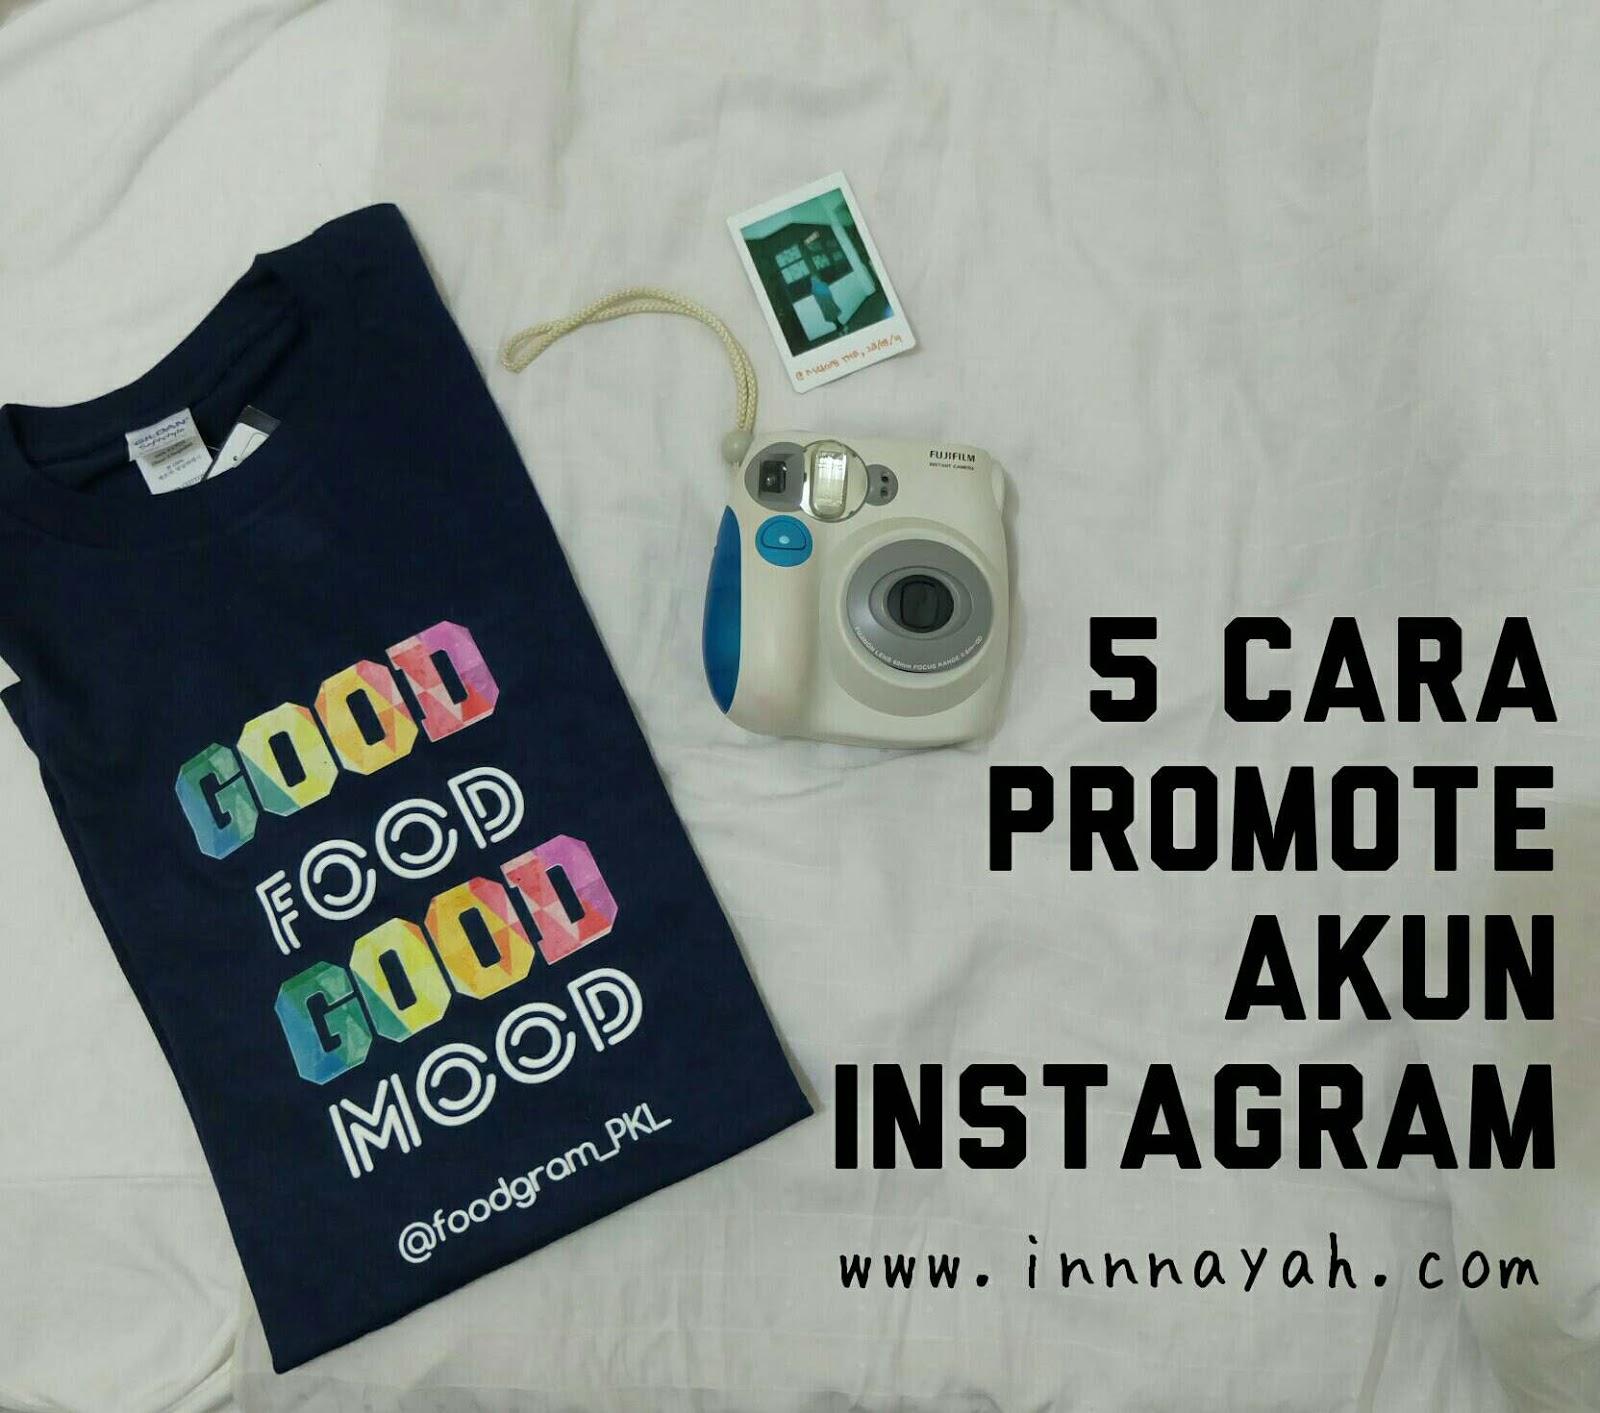 5 Cara Promote Akun Instagram Innnayah